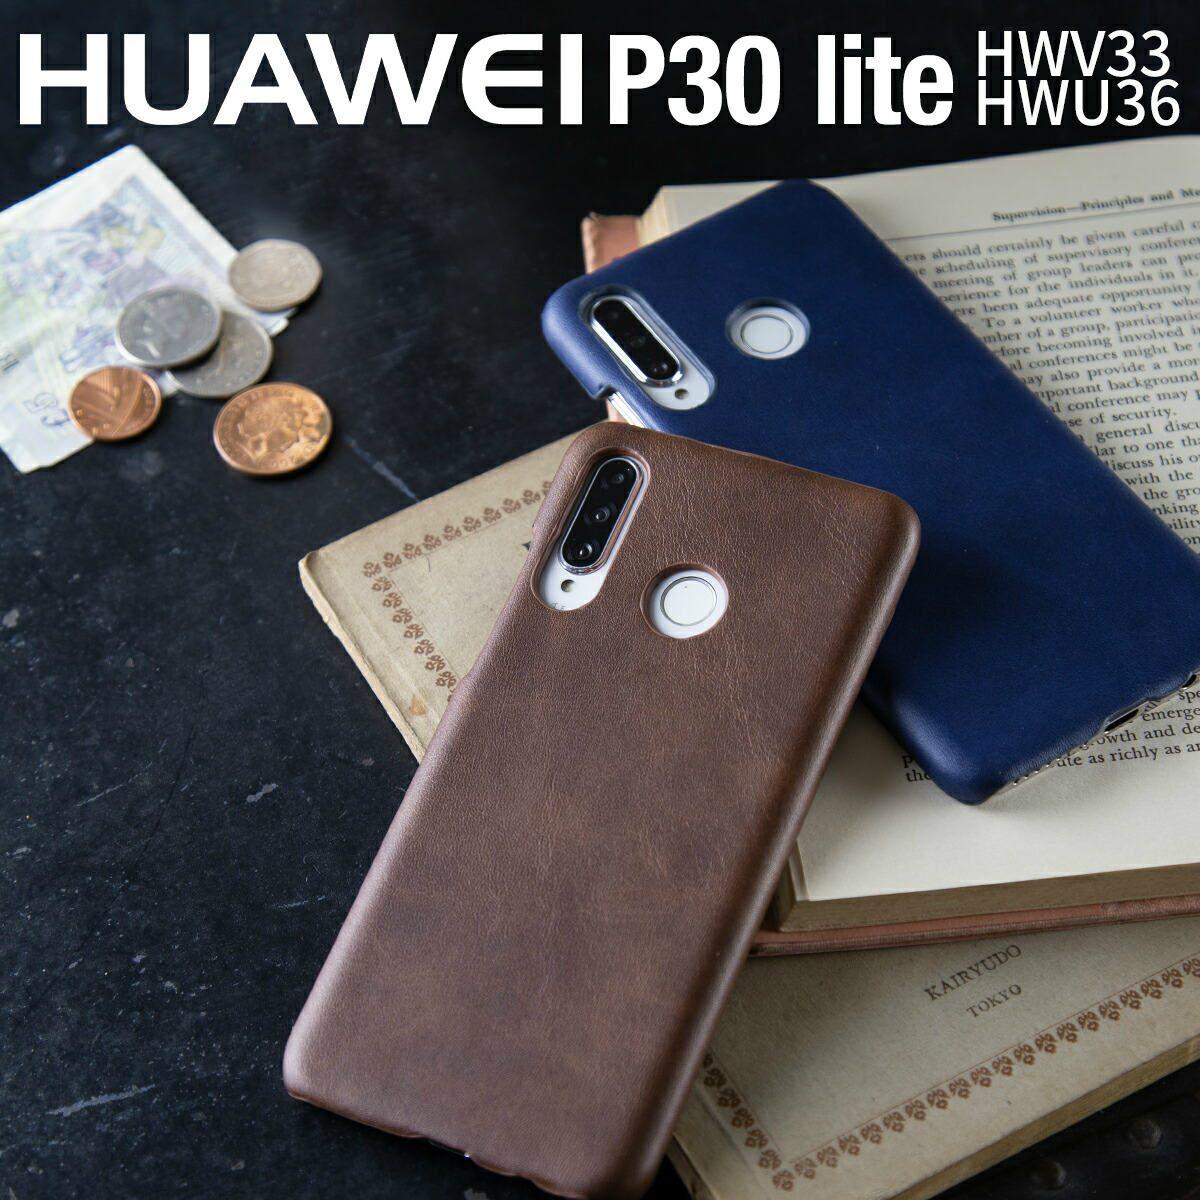 メール便送料無料 レザーハードケース P30 Lite スマホケース 韓国 HUAWEI ケース HWV33 HWU36 スマホ カバー 携帯 人気 革 UQモバイル 送料無料 [並行輸入品] おしゃれ ファーウェイ アンドロイド ハードケース Android ハイクオリティ レザー au アンティーク調かっこいい ヤフーモバイル